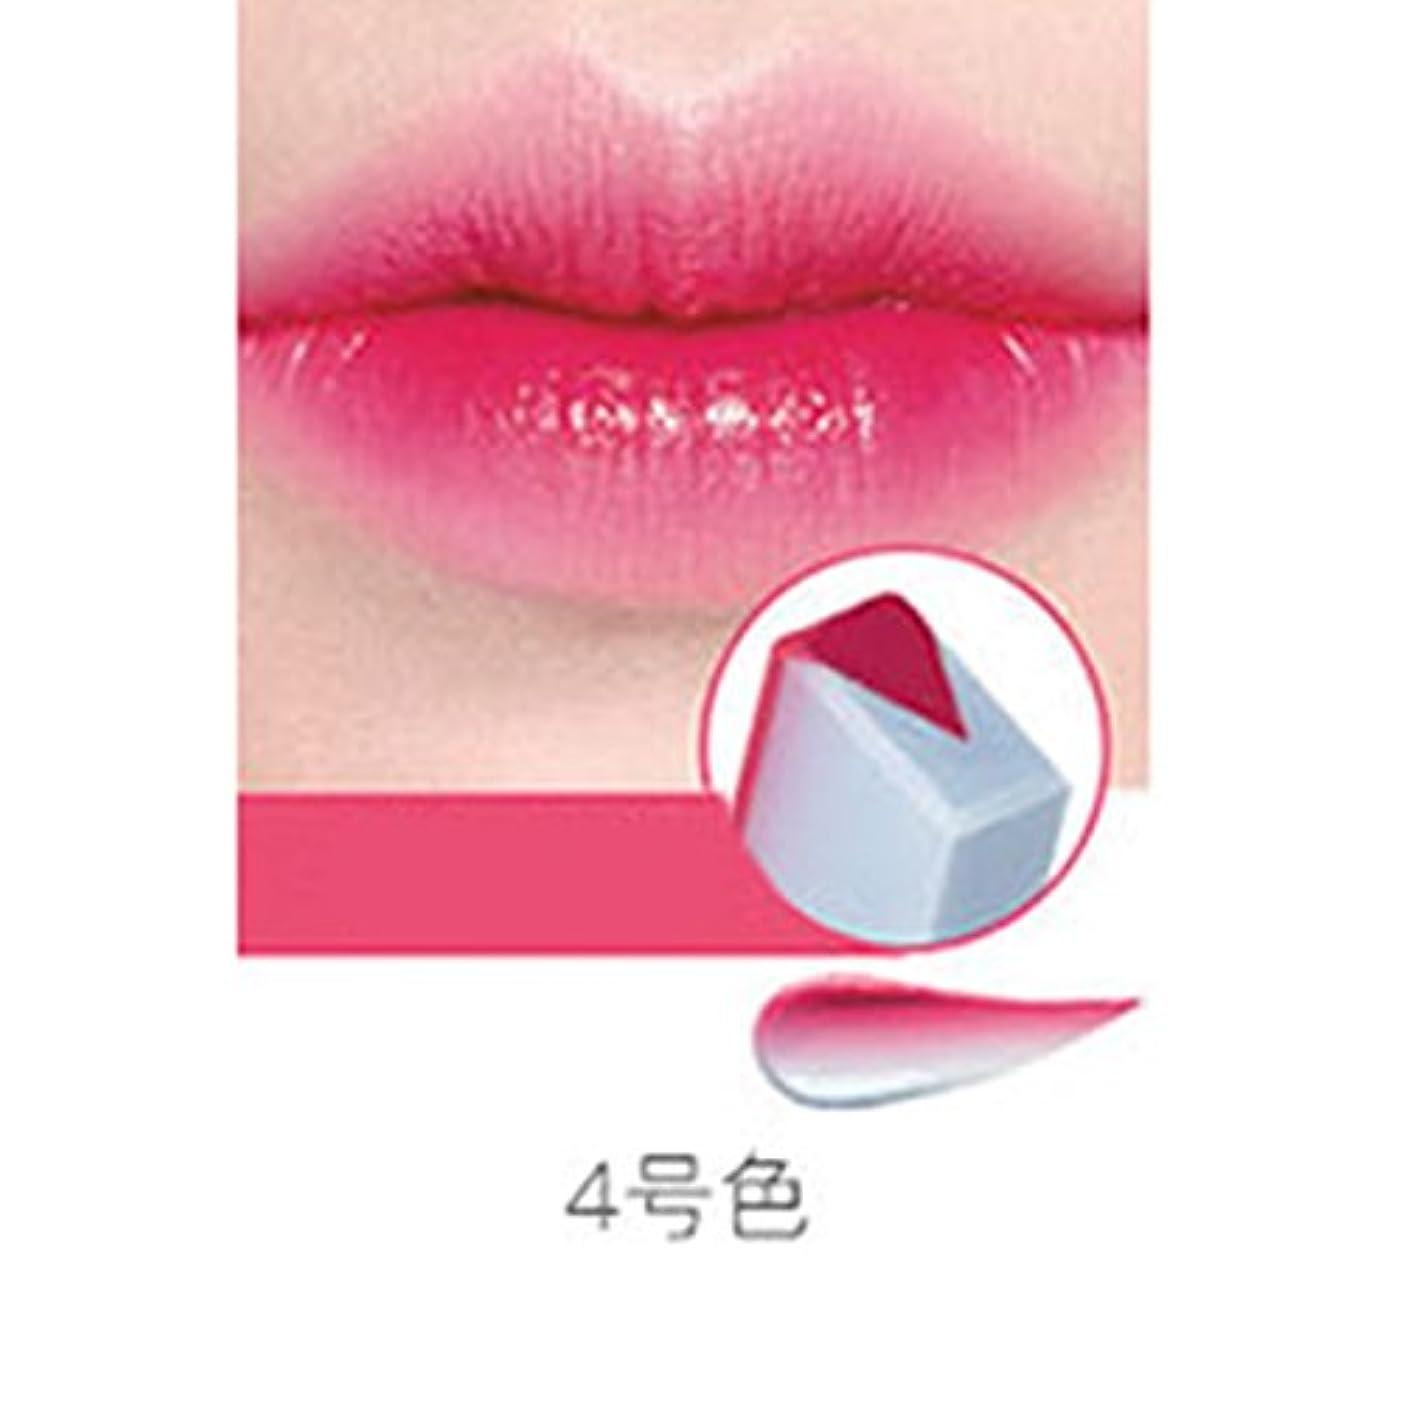 サーカス感染する三十RaiFu リップスティック ペンシル リップバー 女性 ファッション グラデーションカラー マット メイクアップ フルーツ スモークツートーン ティント 04#ベリースカイ